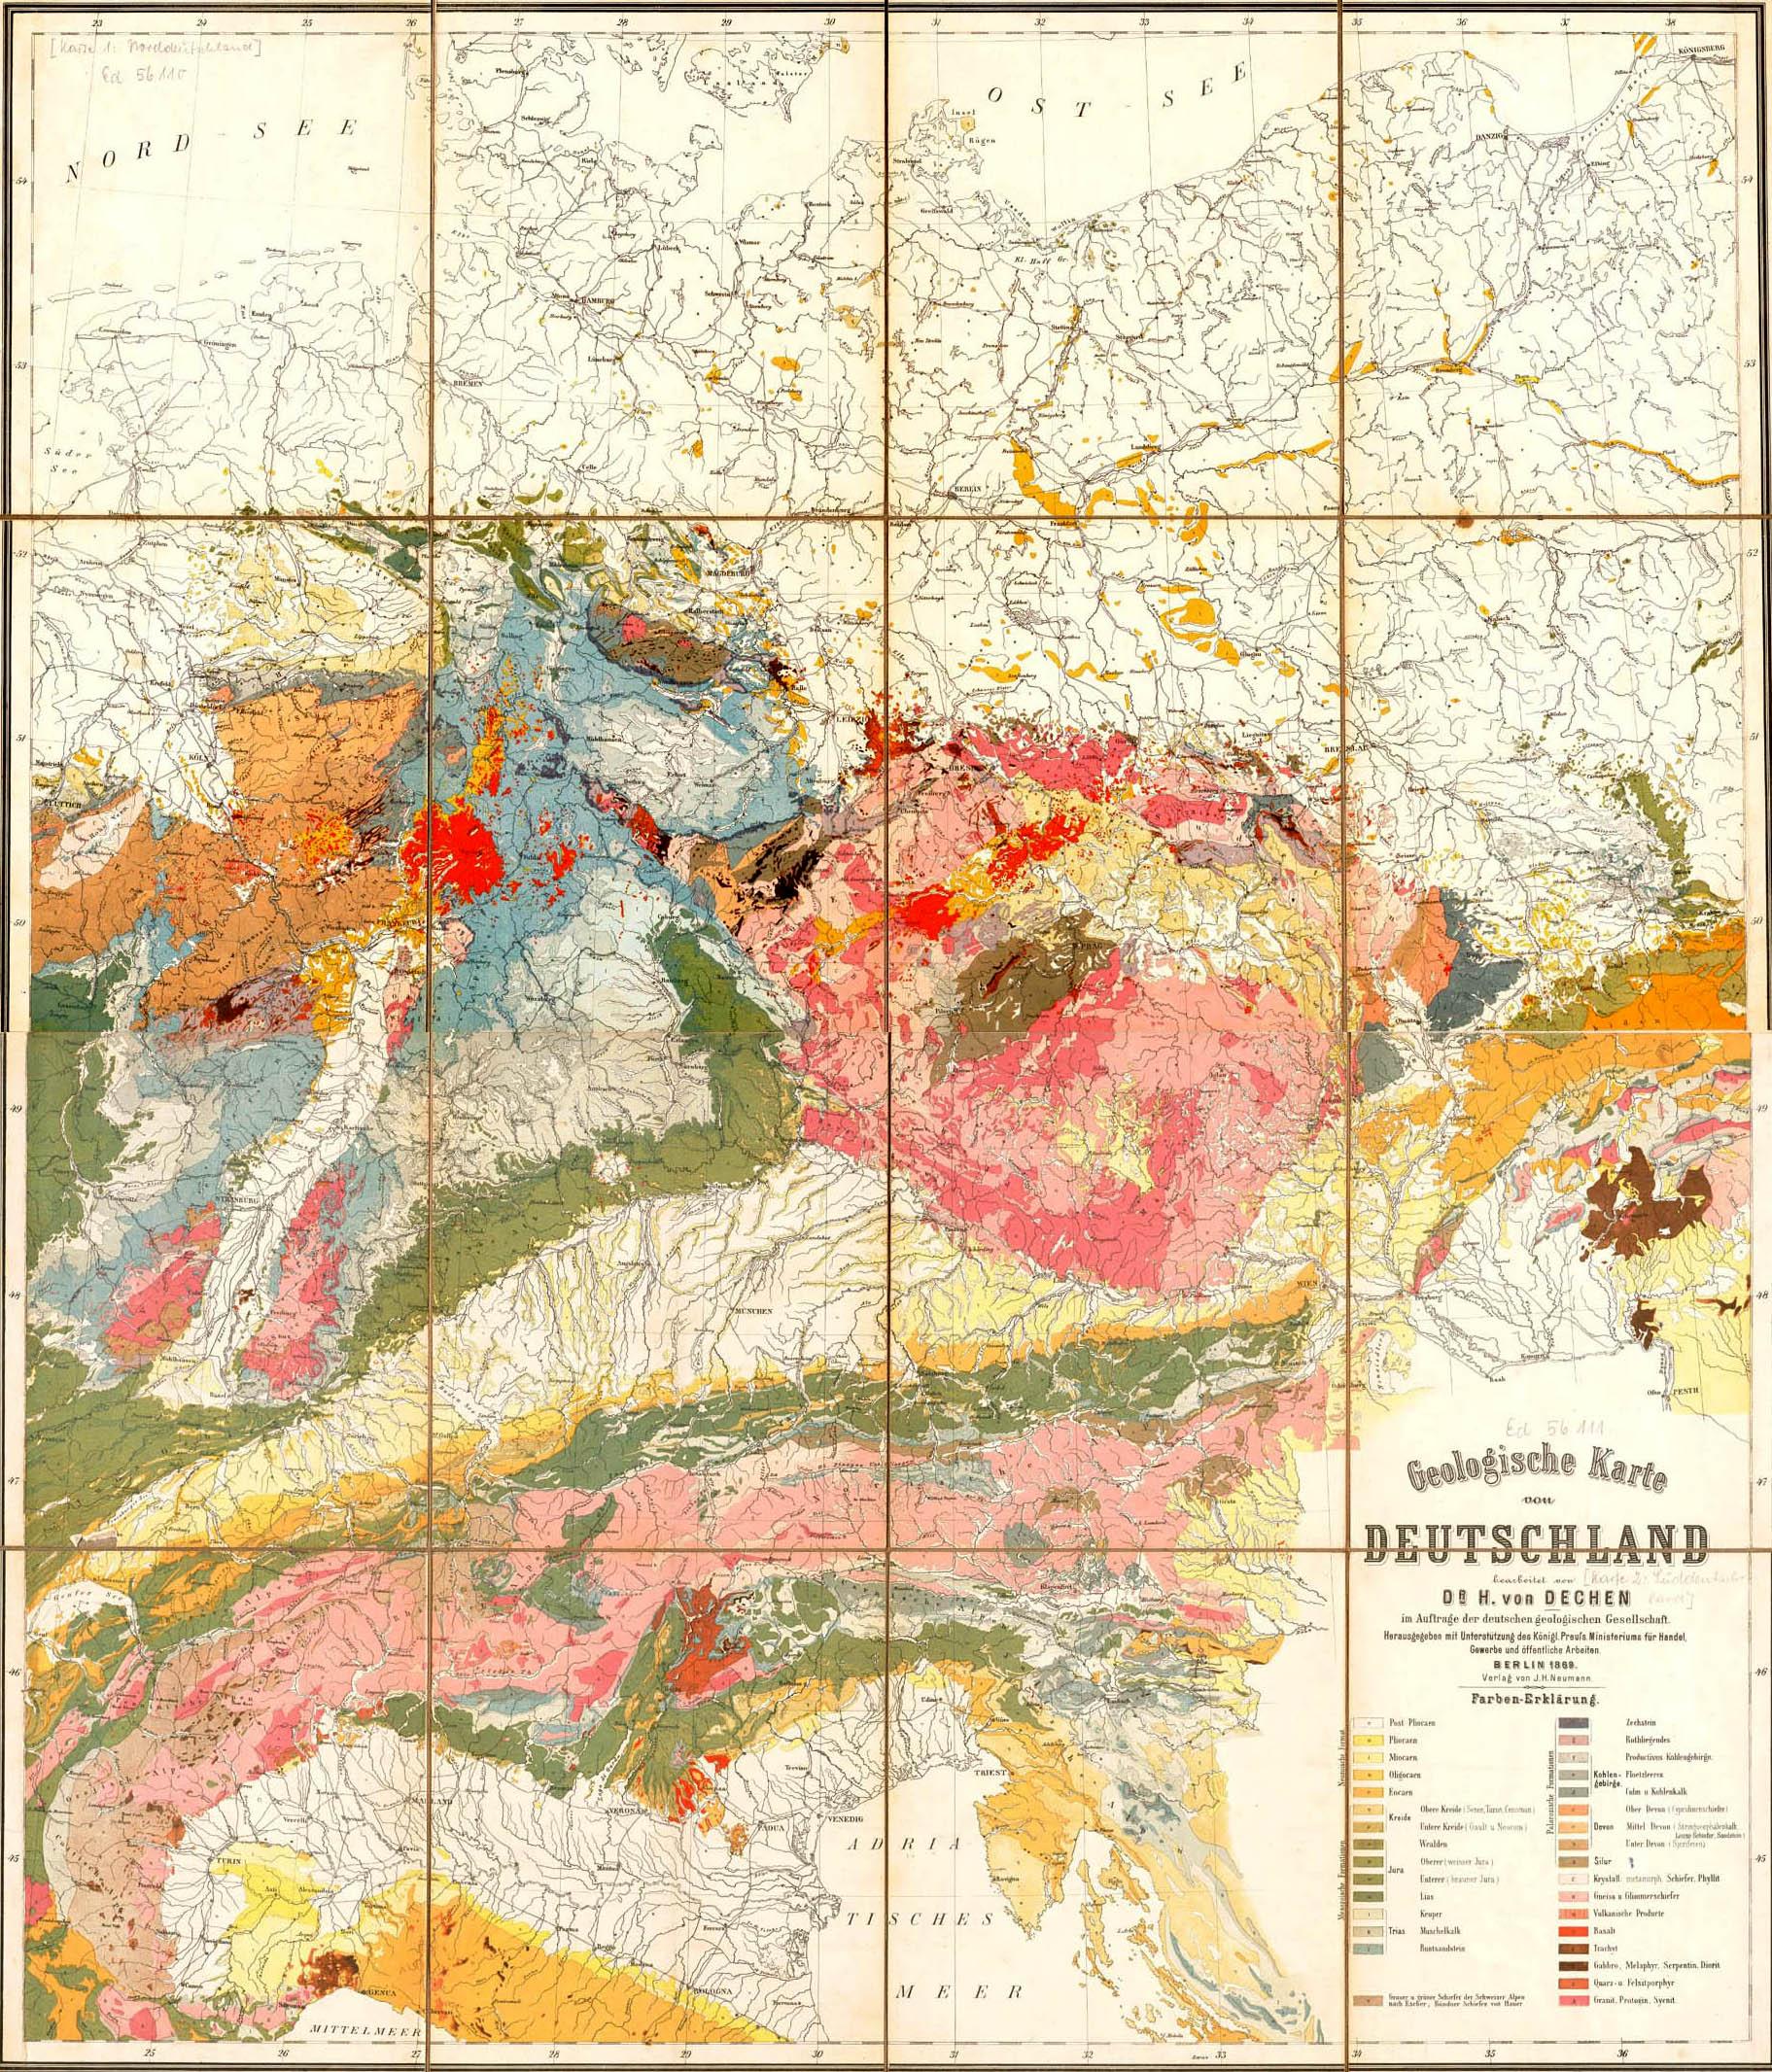 Geologische Karte Deutschlands (1869)